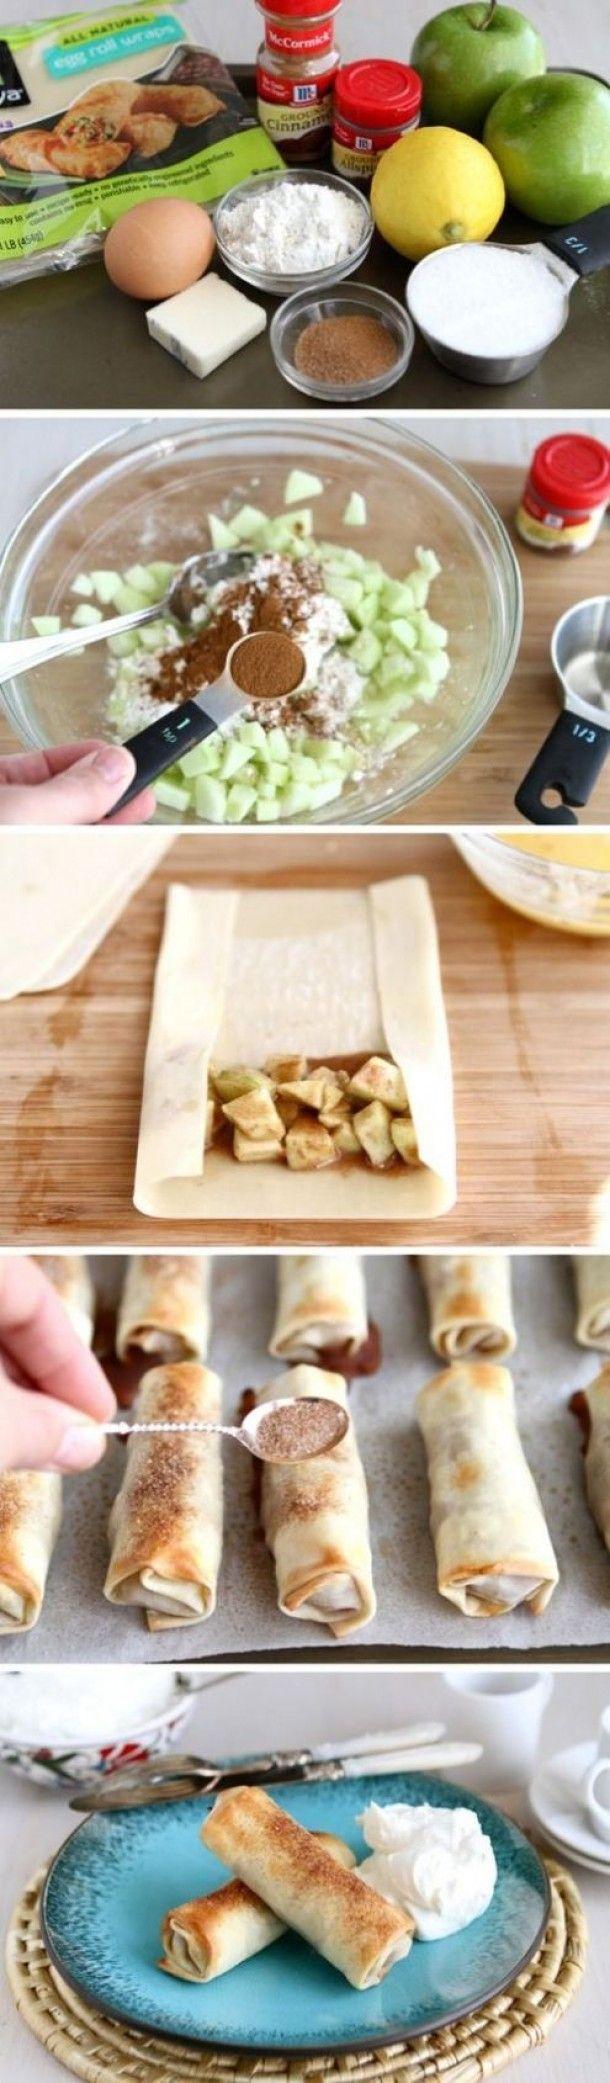 weer eens een andere manier van appeltaart. Door petravloo